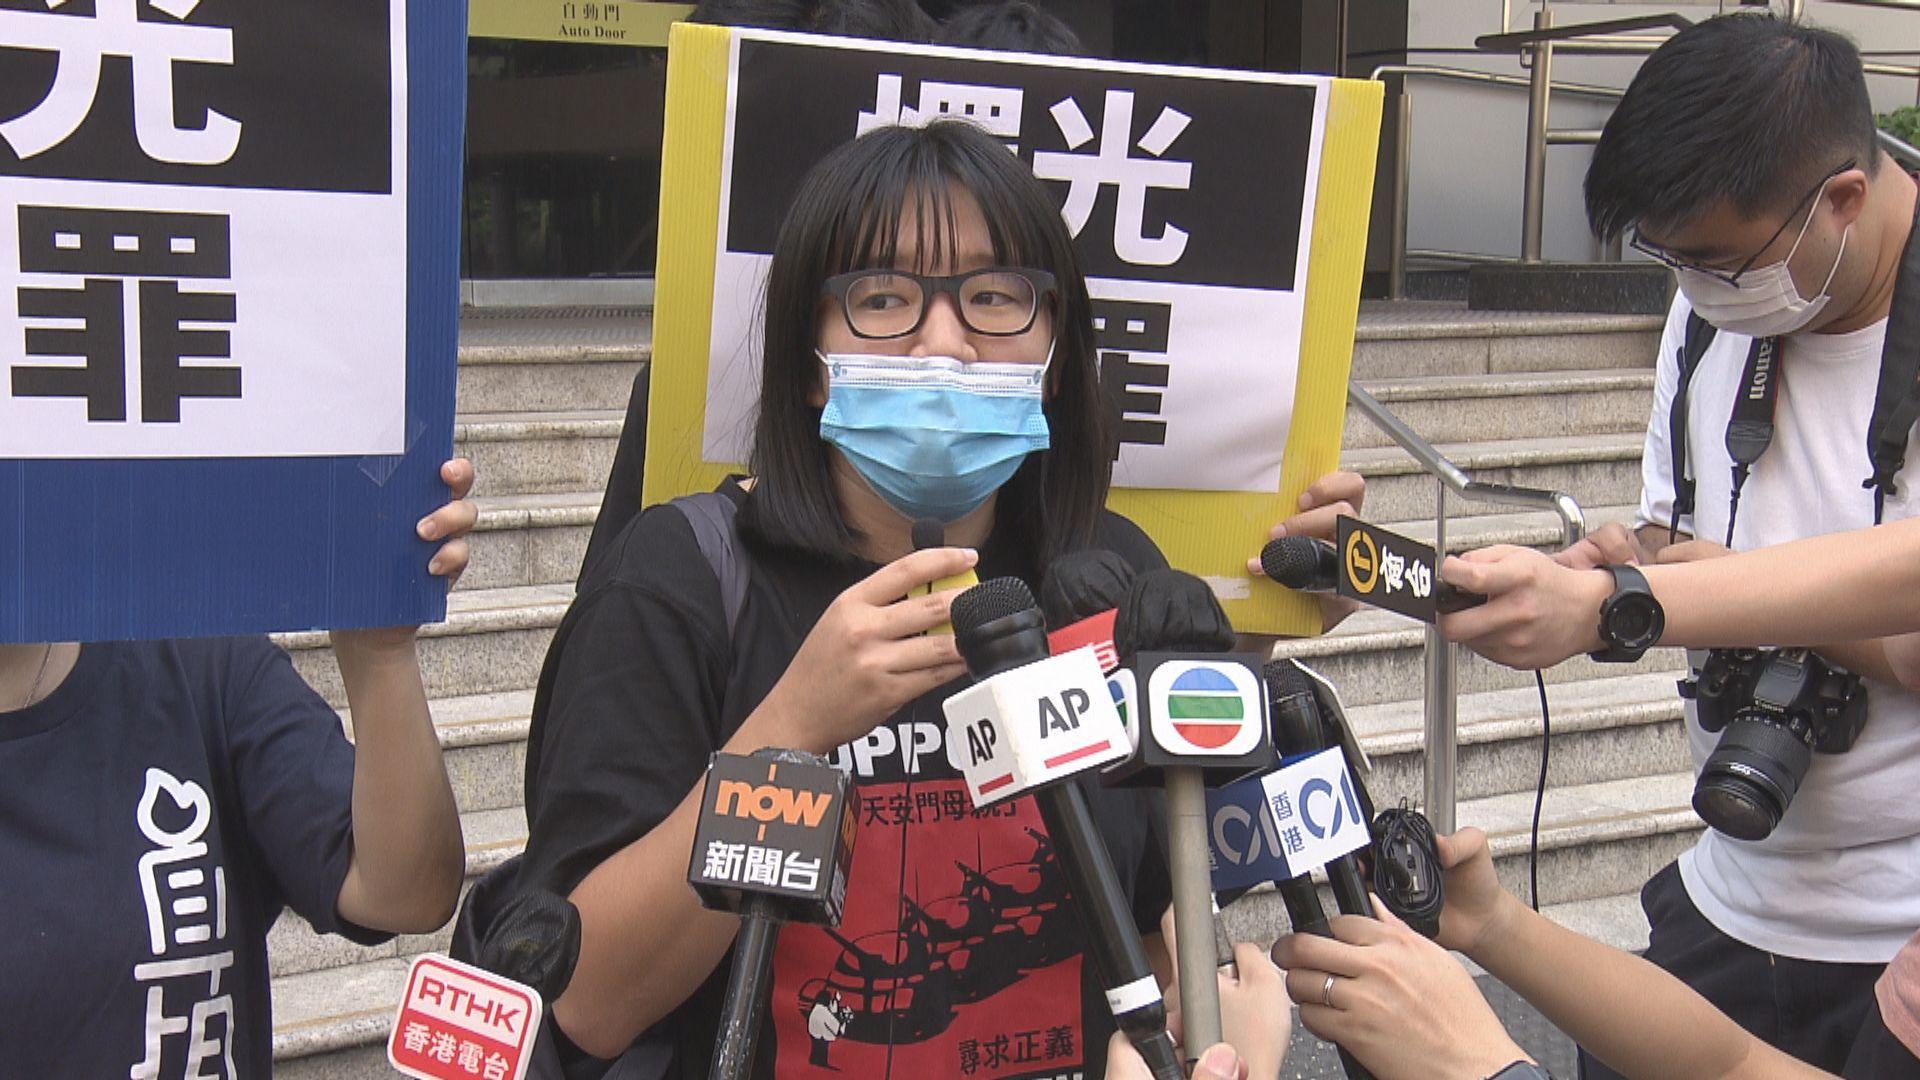 鄒幸彤涉煽動他人顛覆國家政權等罪再被拒保釋